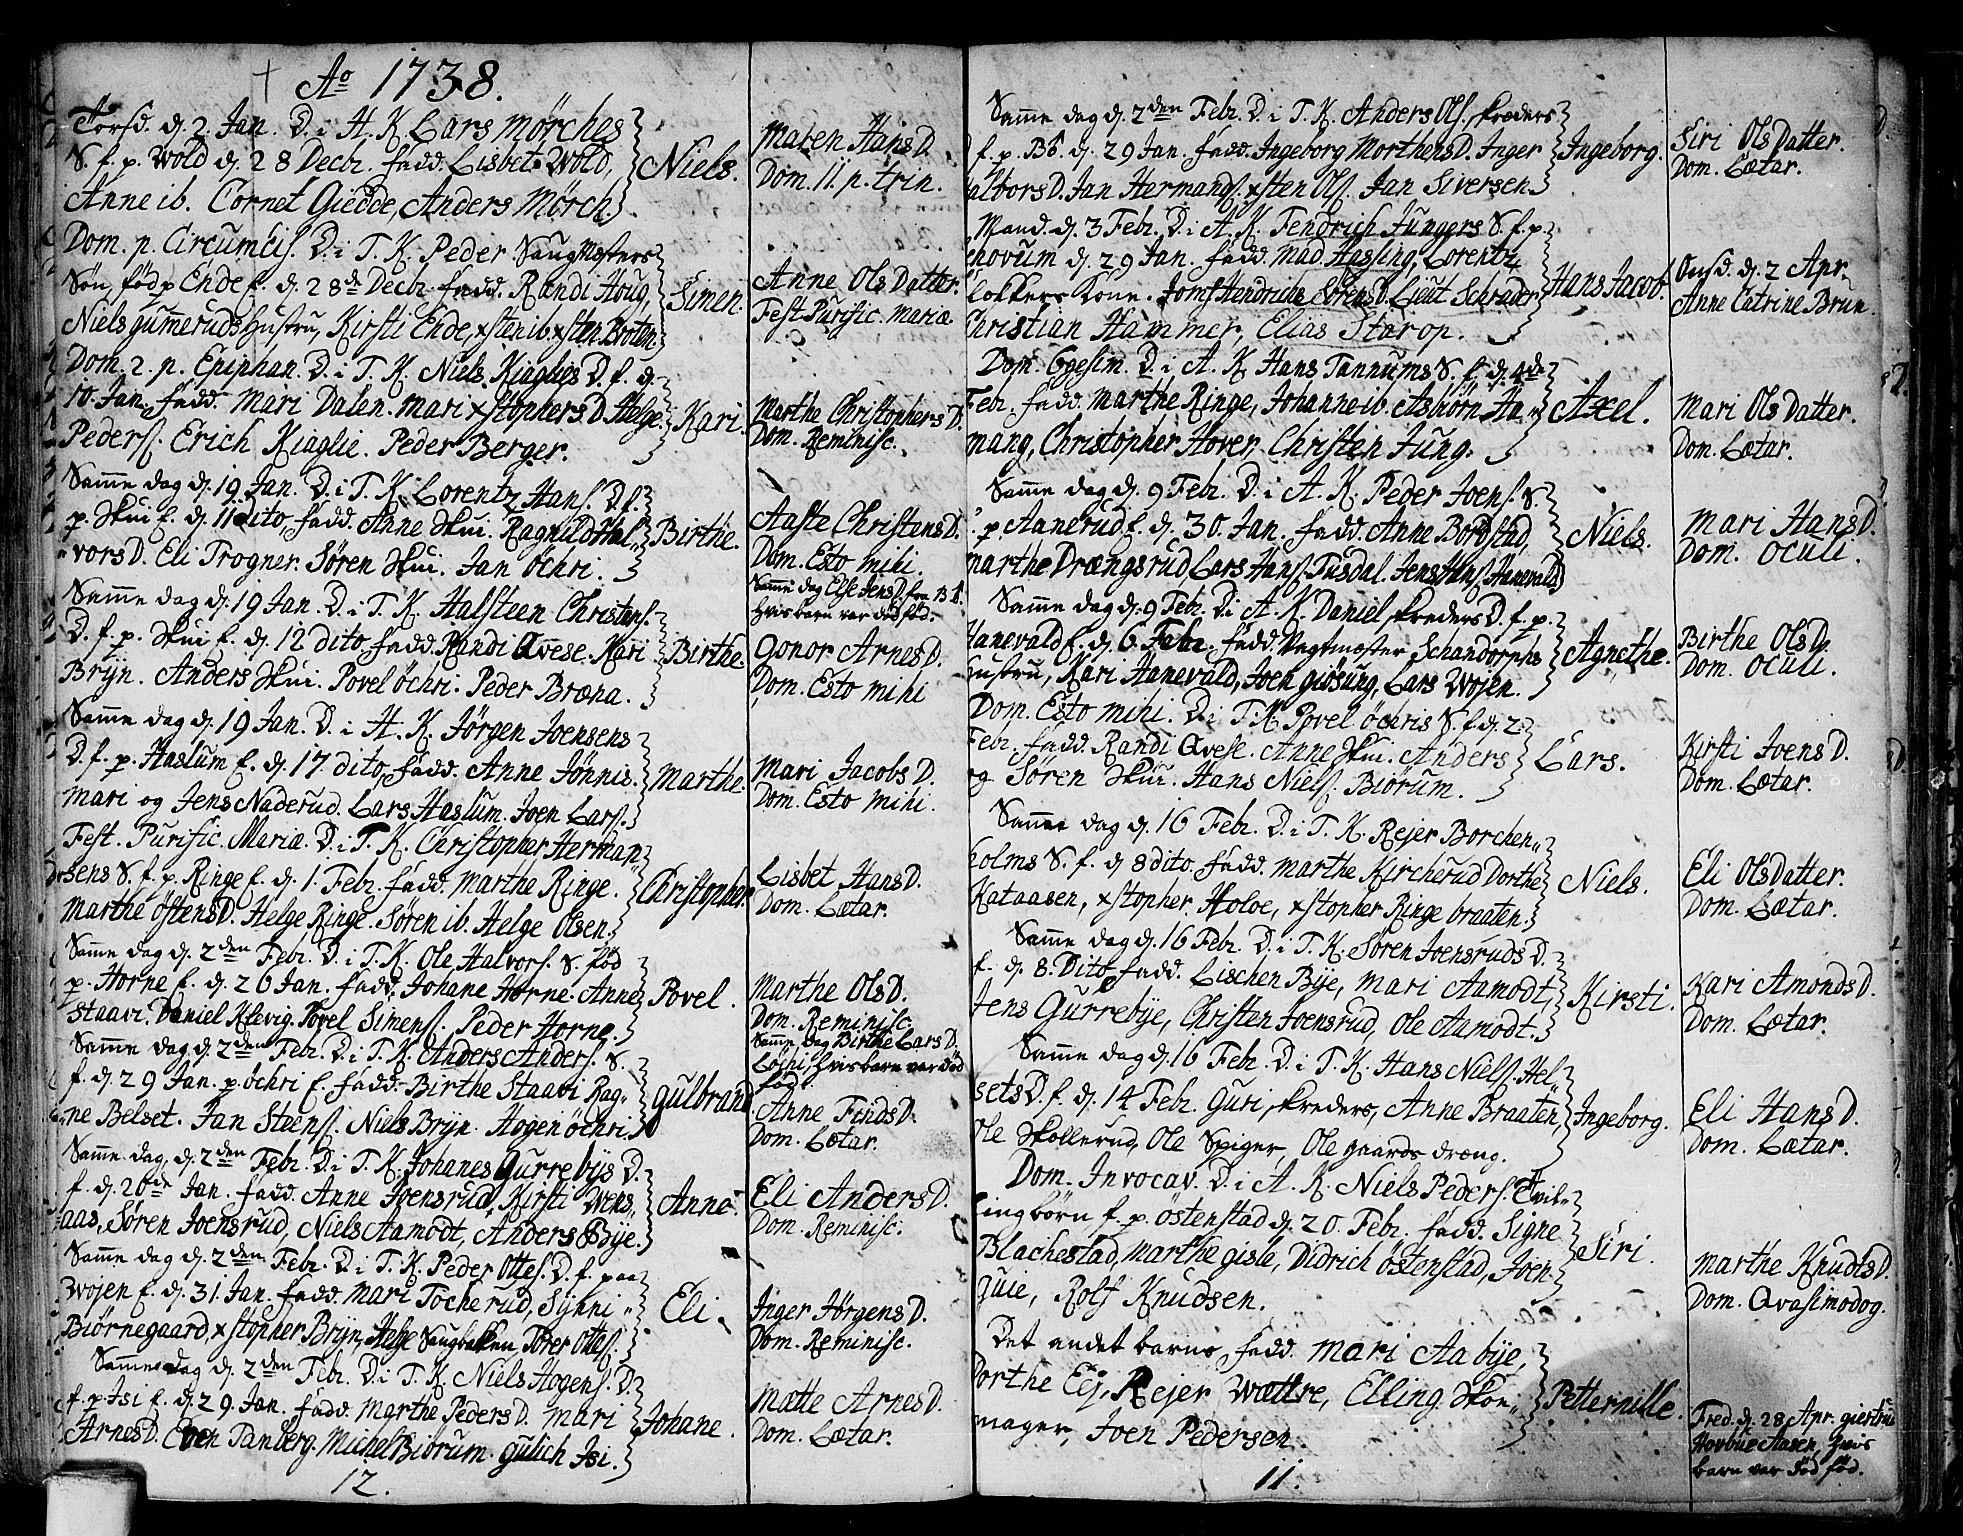 SAO, Asker prestekontor Kirkebøker, F/Fa/L0001: Ministerialbok nr. I 1, 1726-1744, s. 53